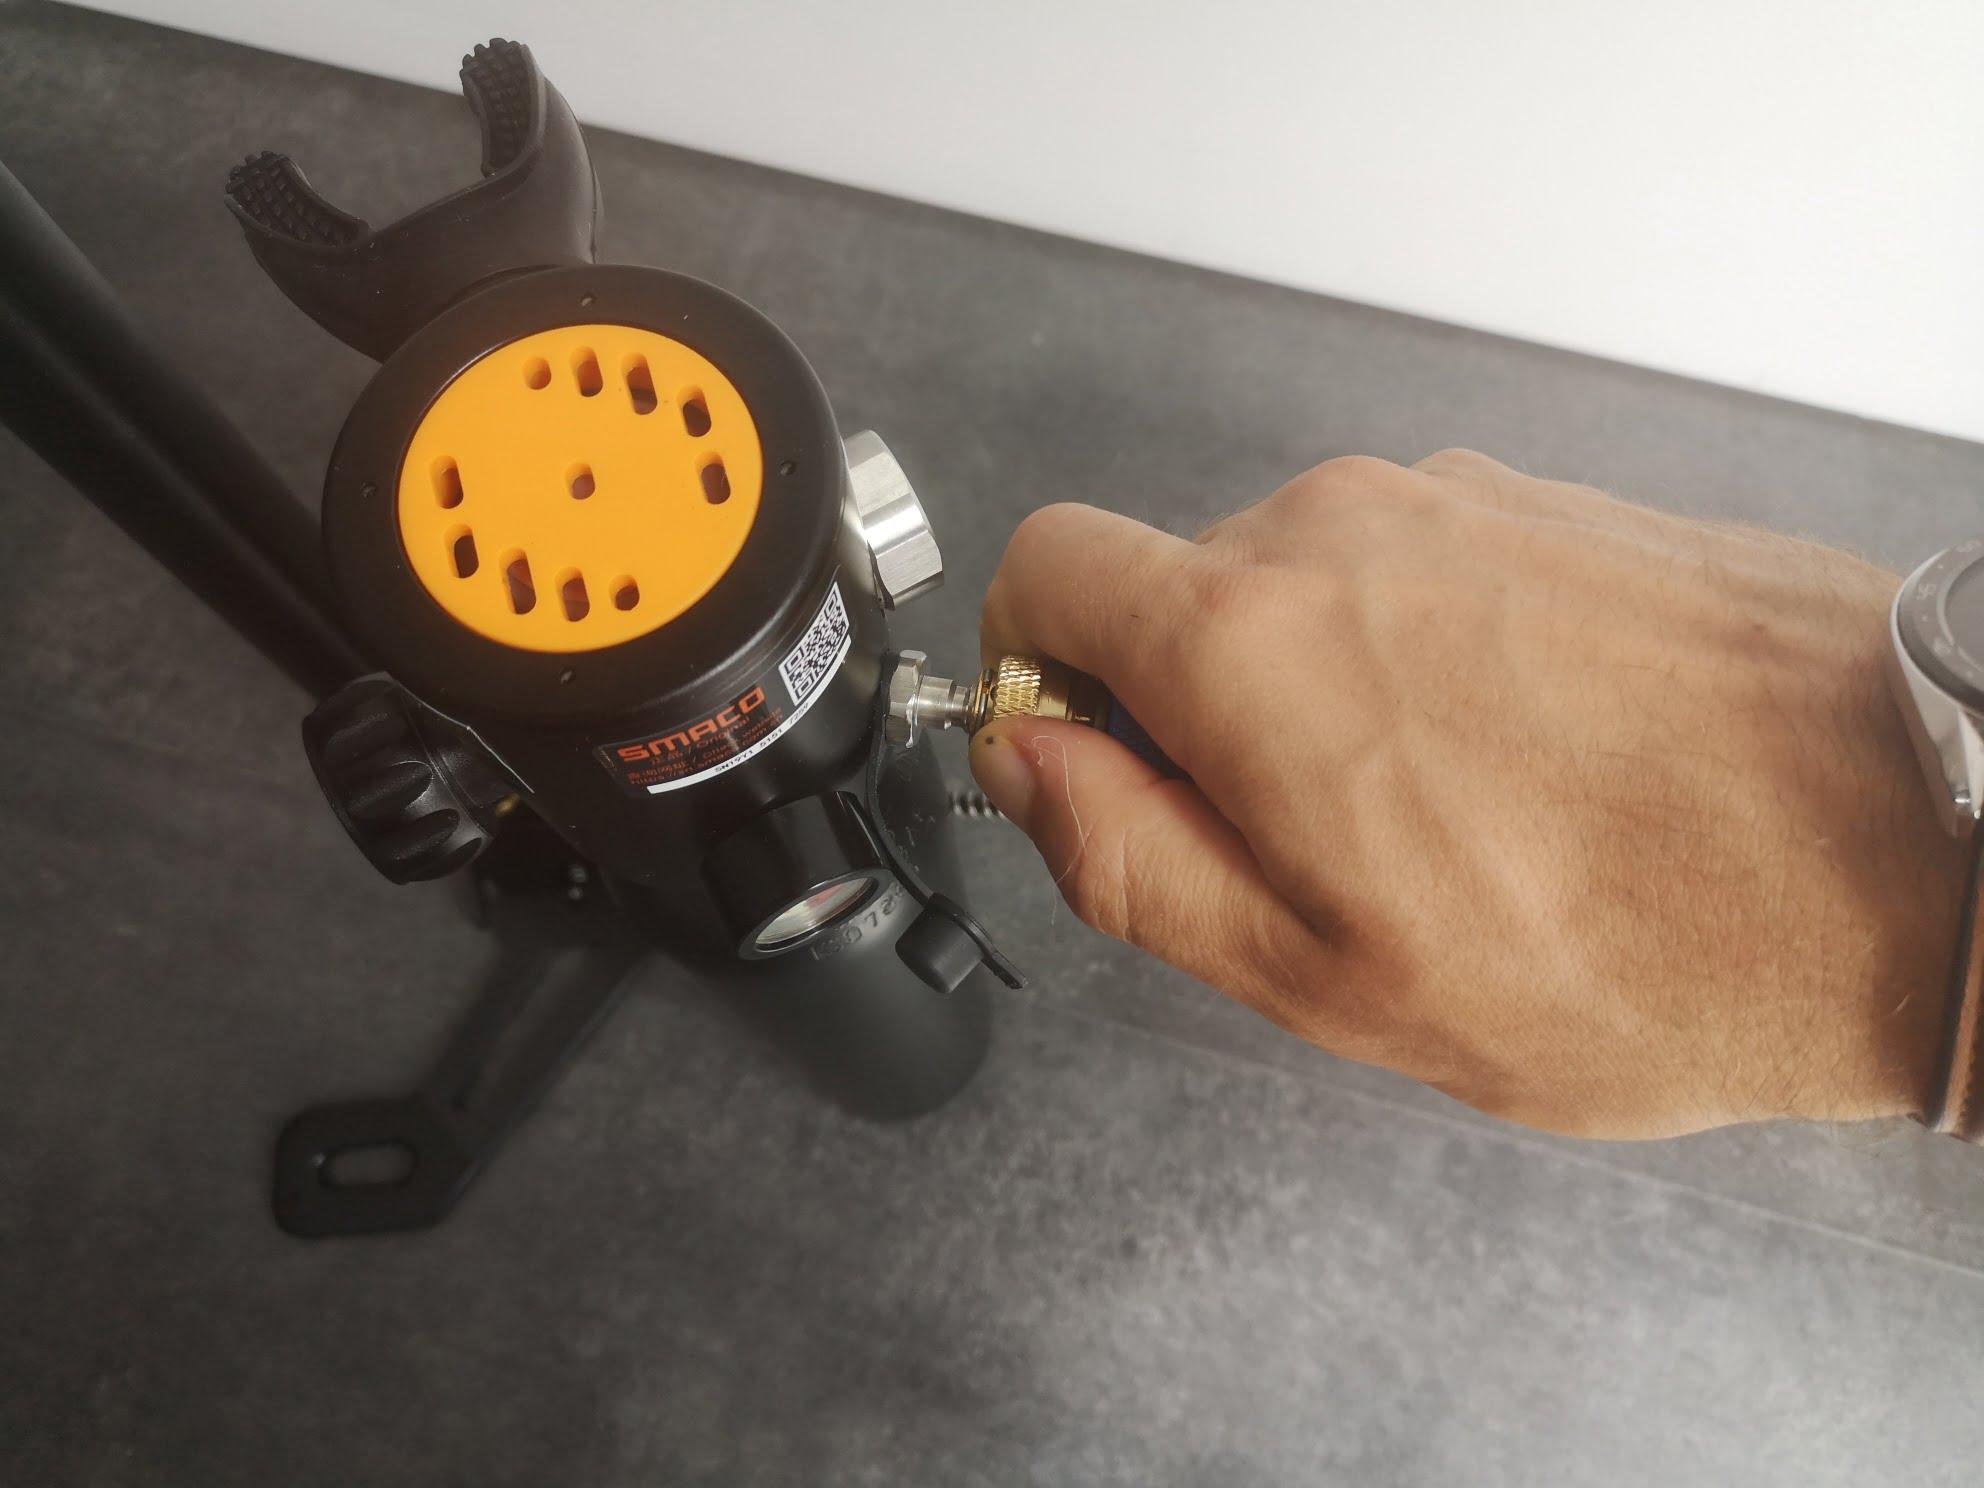 Test remplissage mini-bouteille d'oxygène S300+ Smaco